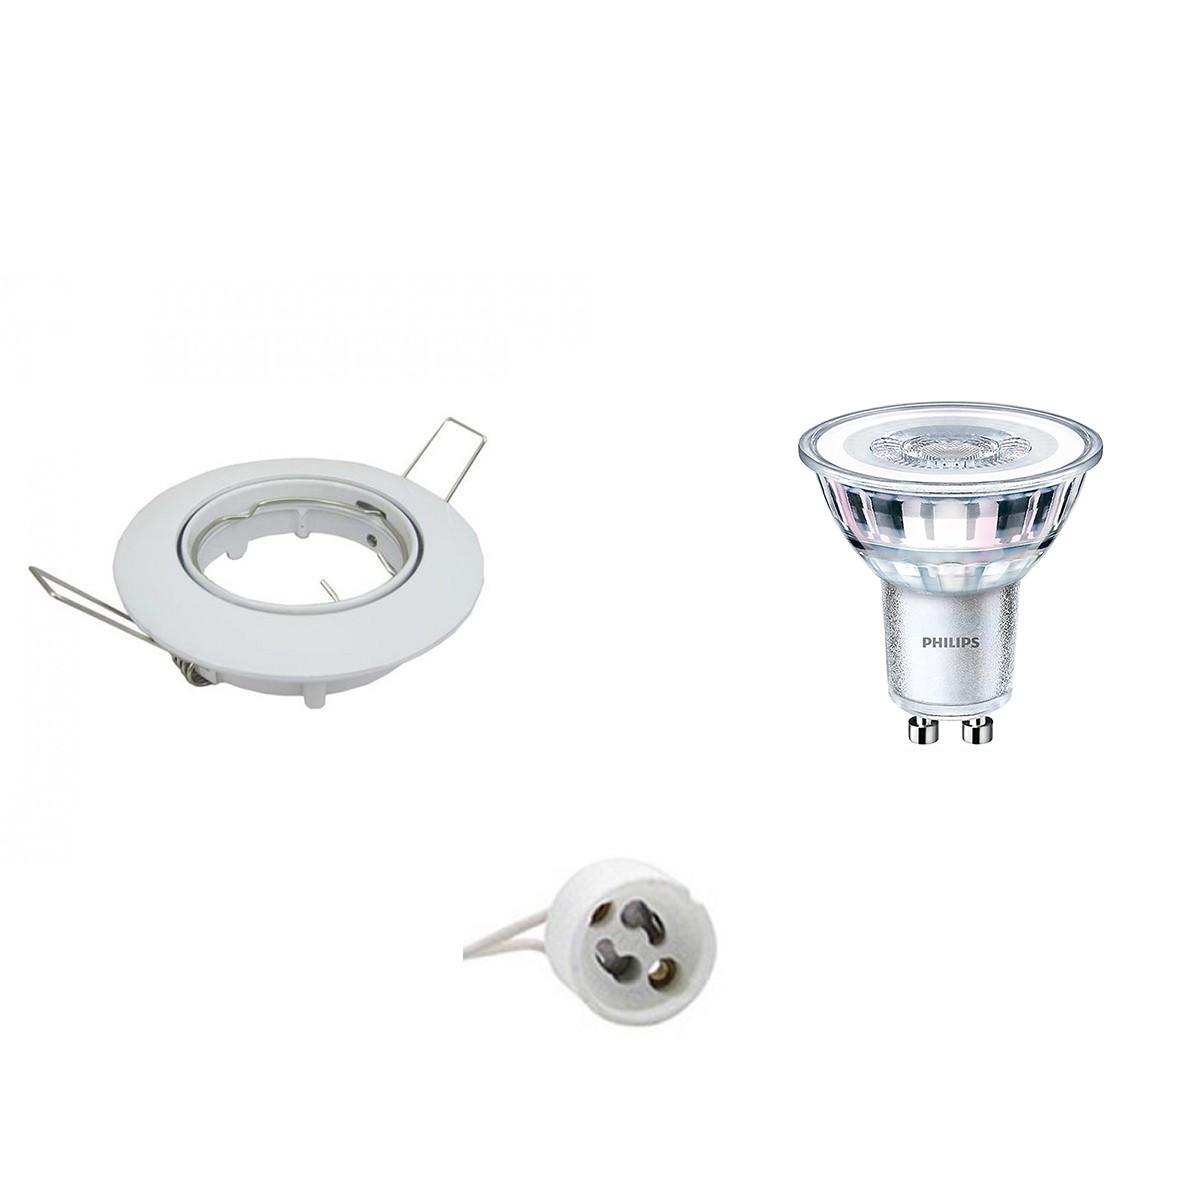 PHILIPS - LED Spot Set - CorePro 830 36D - GU10 Fitting - Inbouw Rond - Glans Wit - 4.6W - Warm Wit